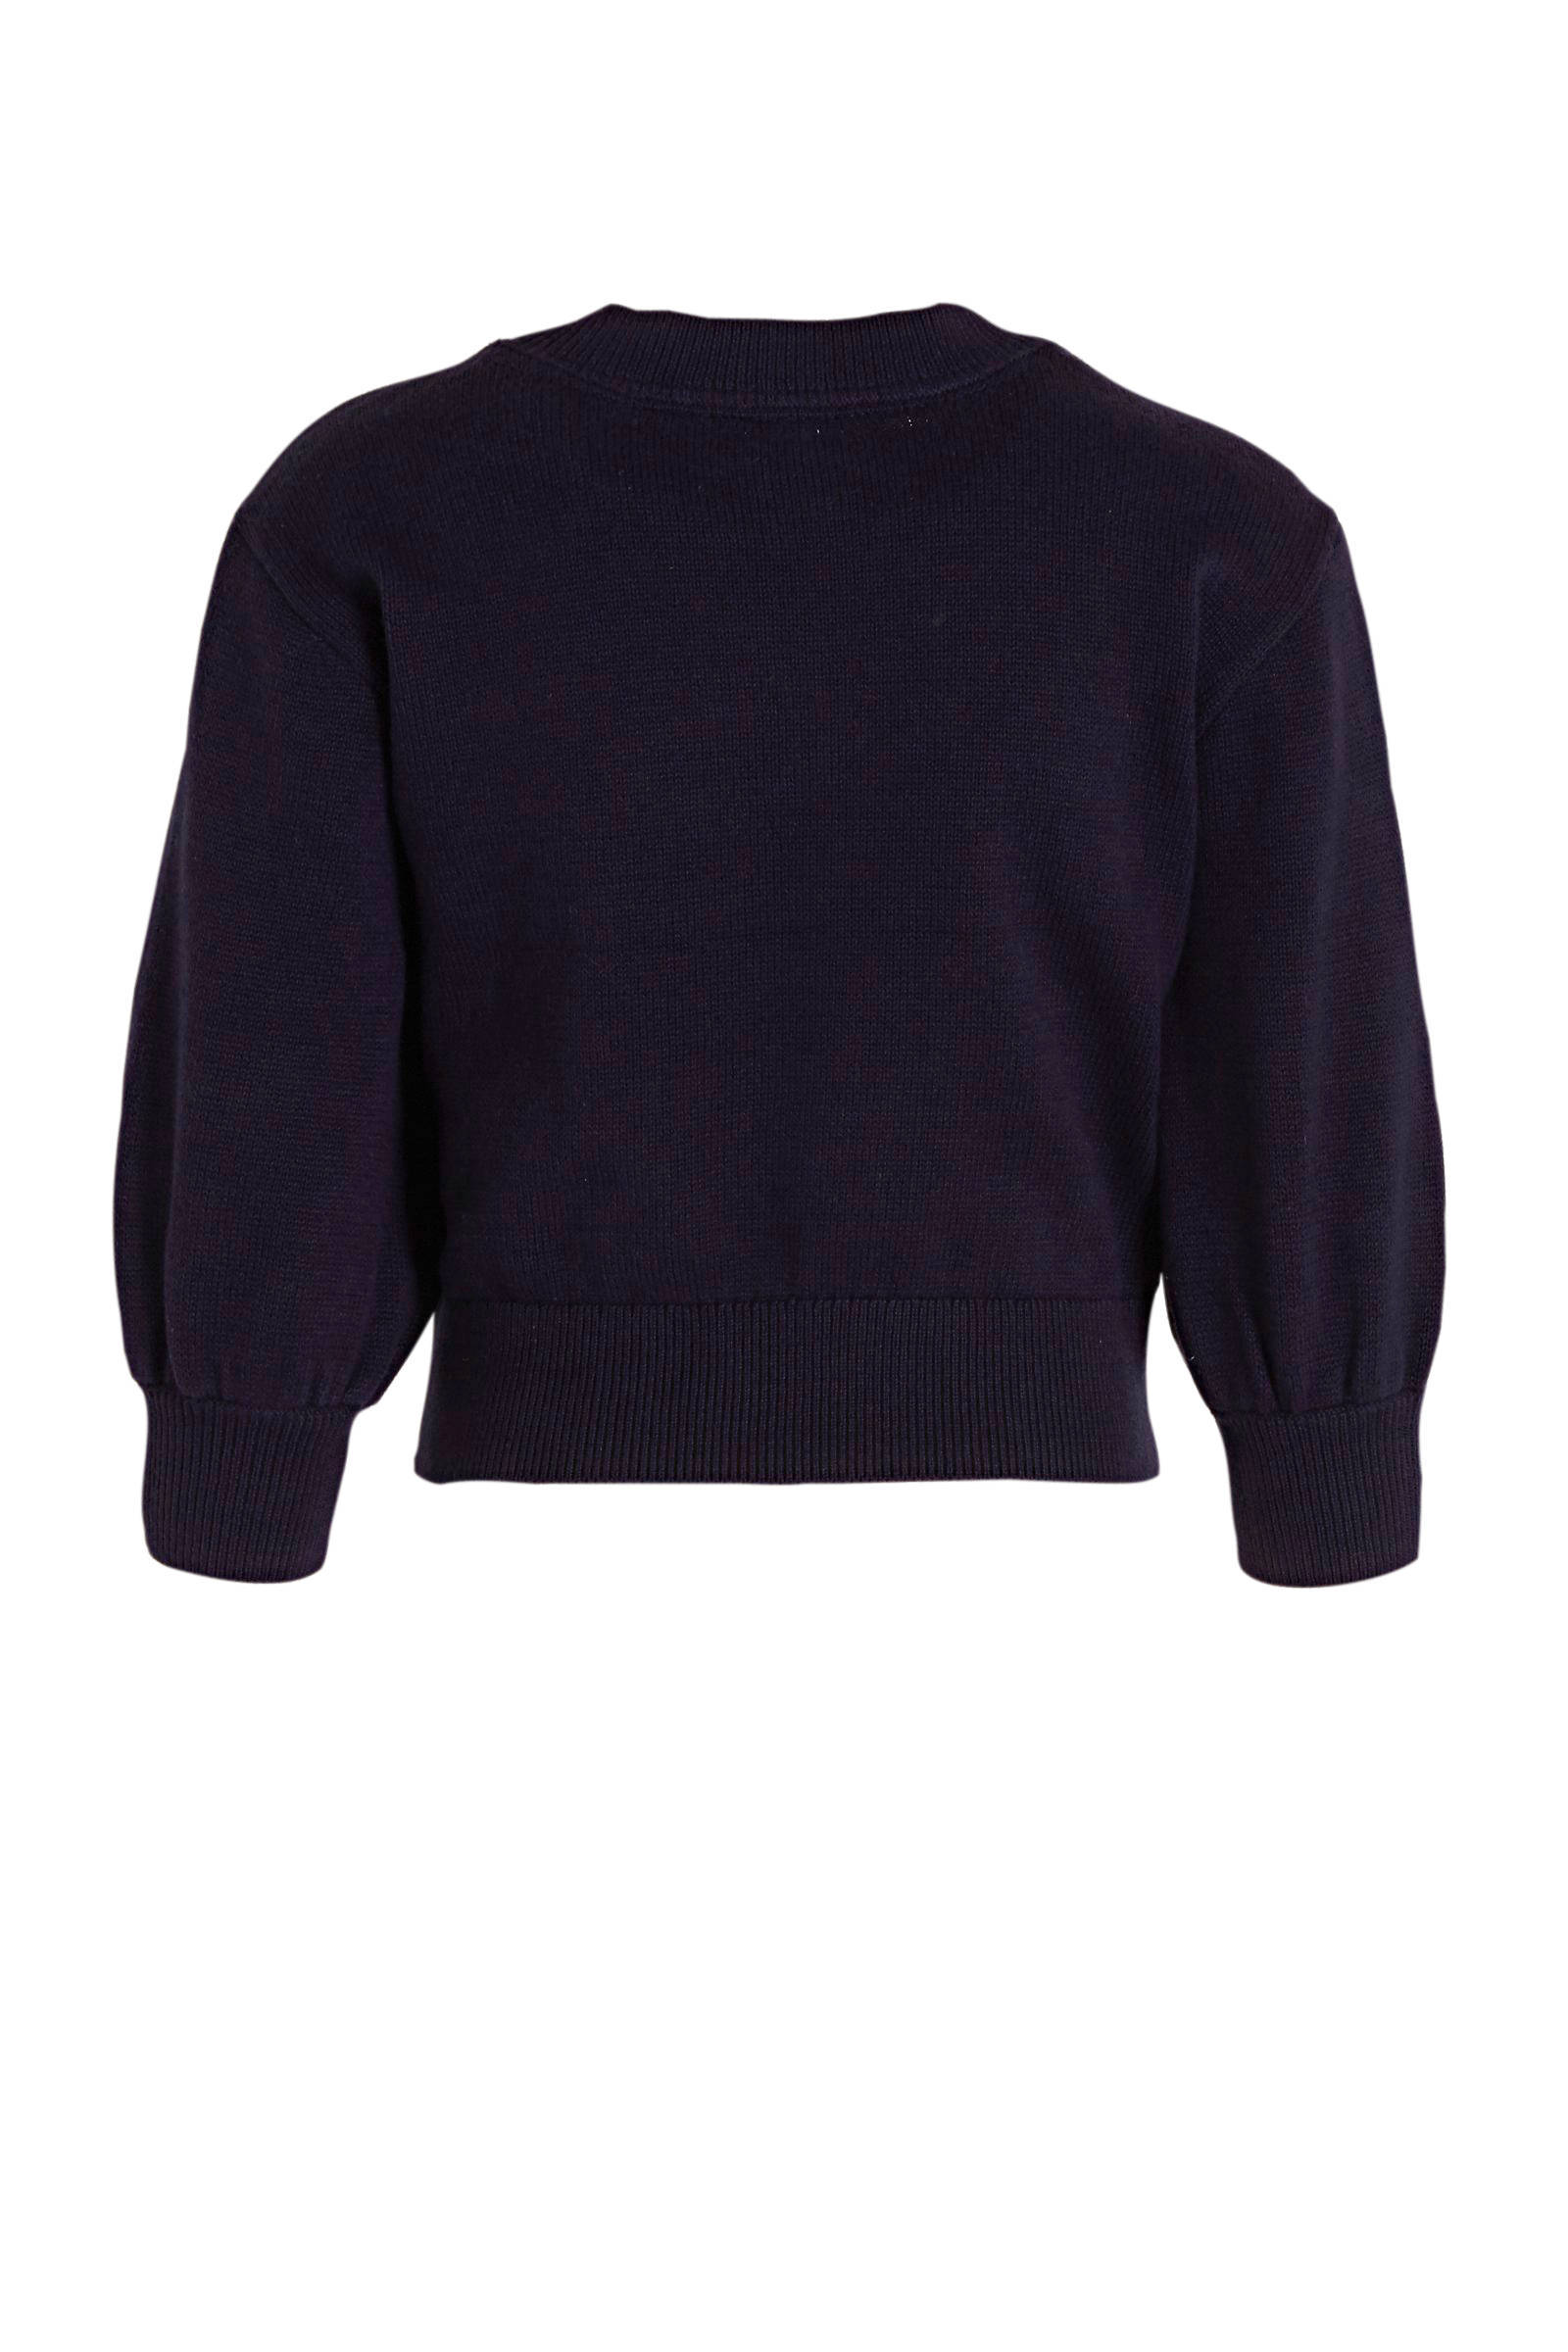 GAP trui met hartjes zwartroze | wehkamp